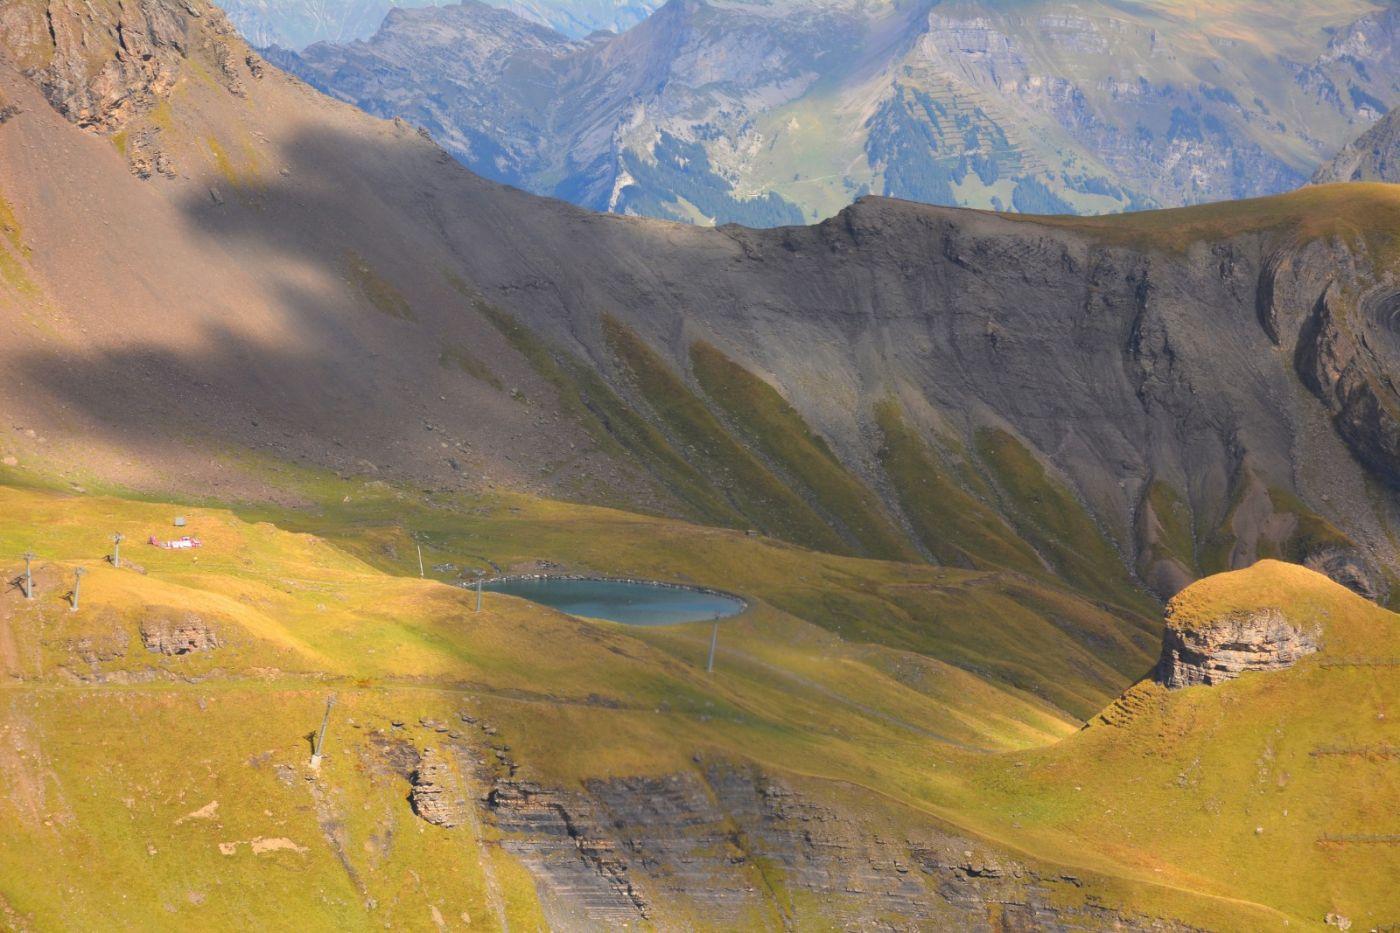 登上阿尔卑斯山遥望少女、勃朗峰_图1-15